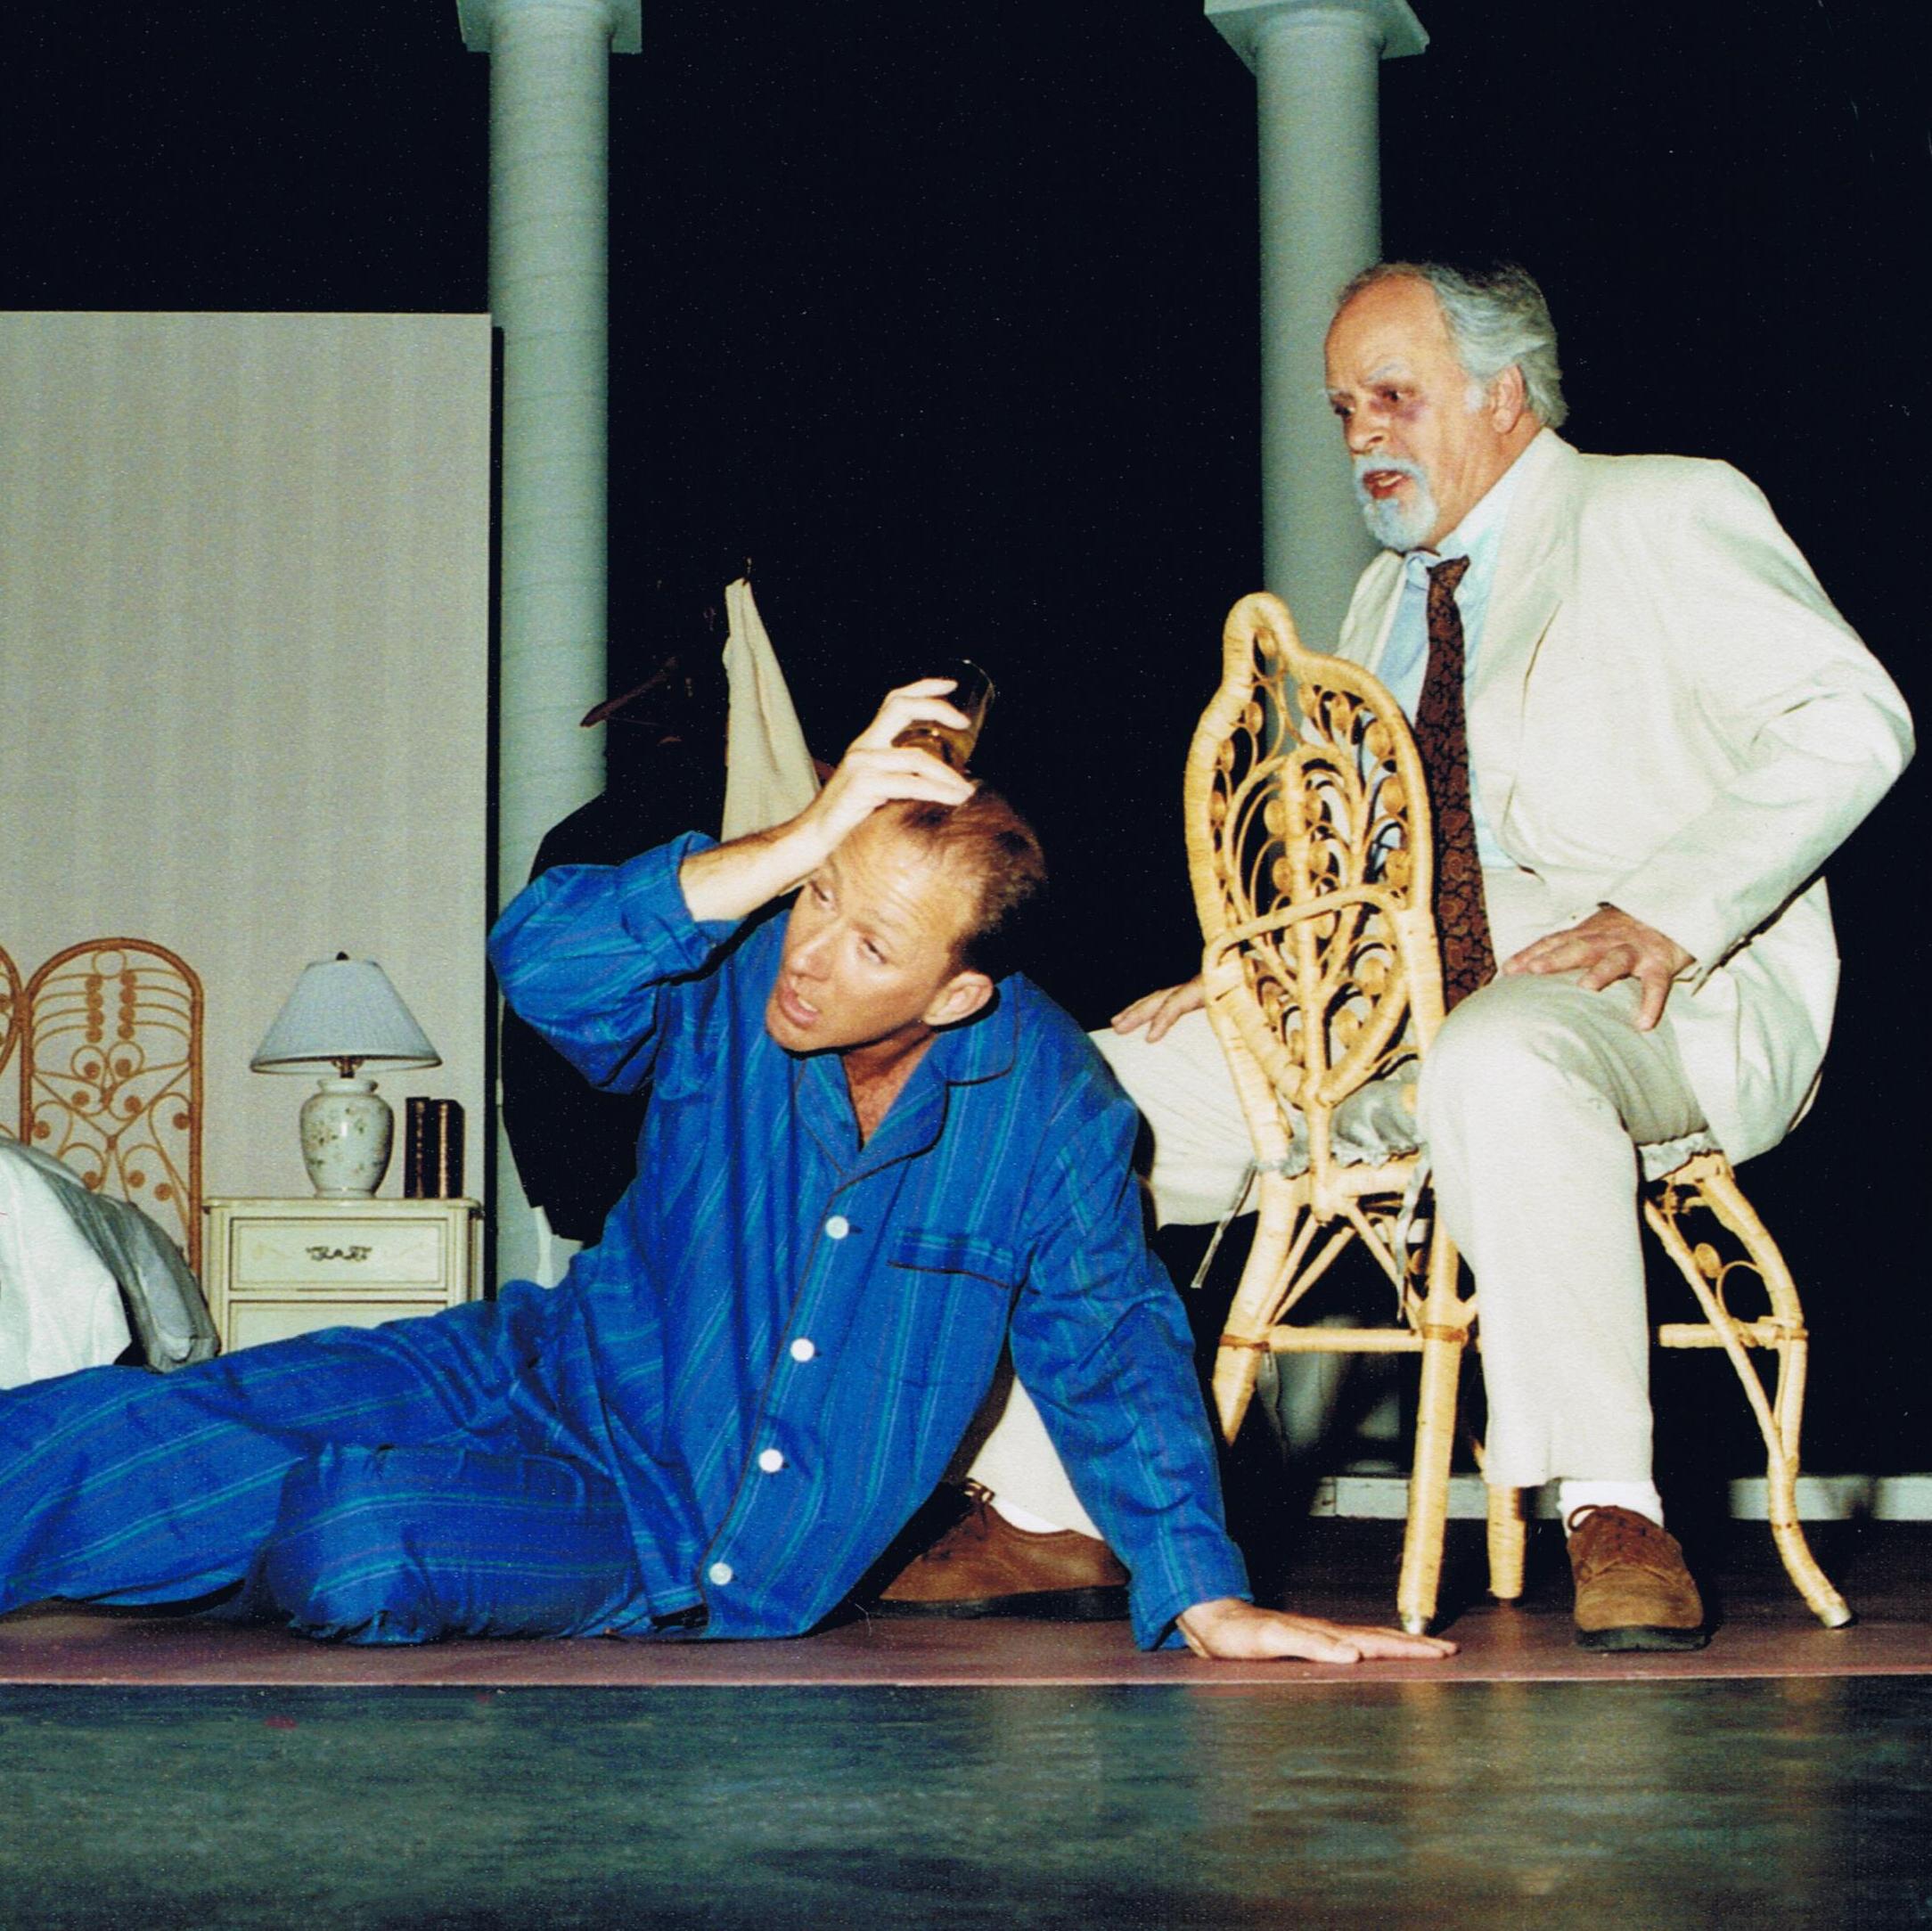 1997 La chatte 42CropSq